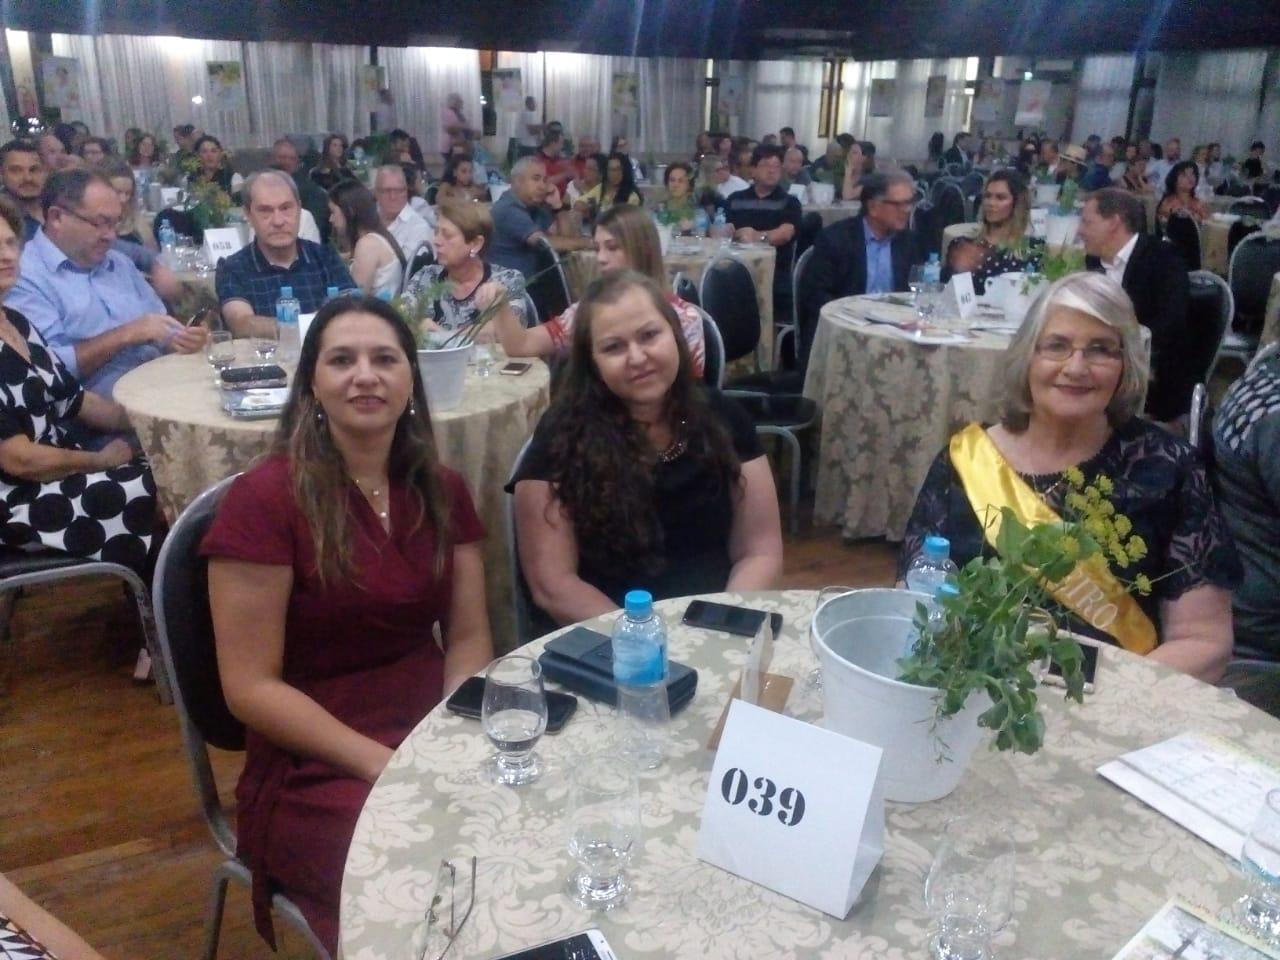 Fundação Sudoestina de Combate ao Câncer promove Quinto Jantar Águia de Ouro